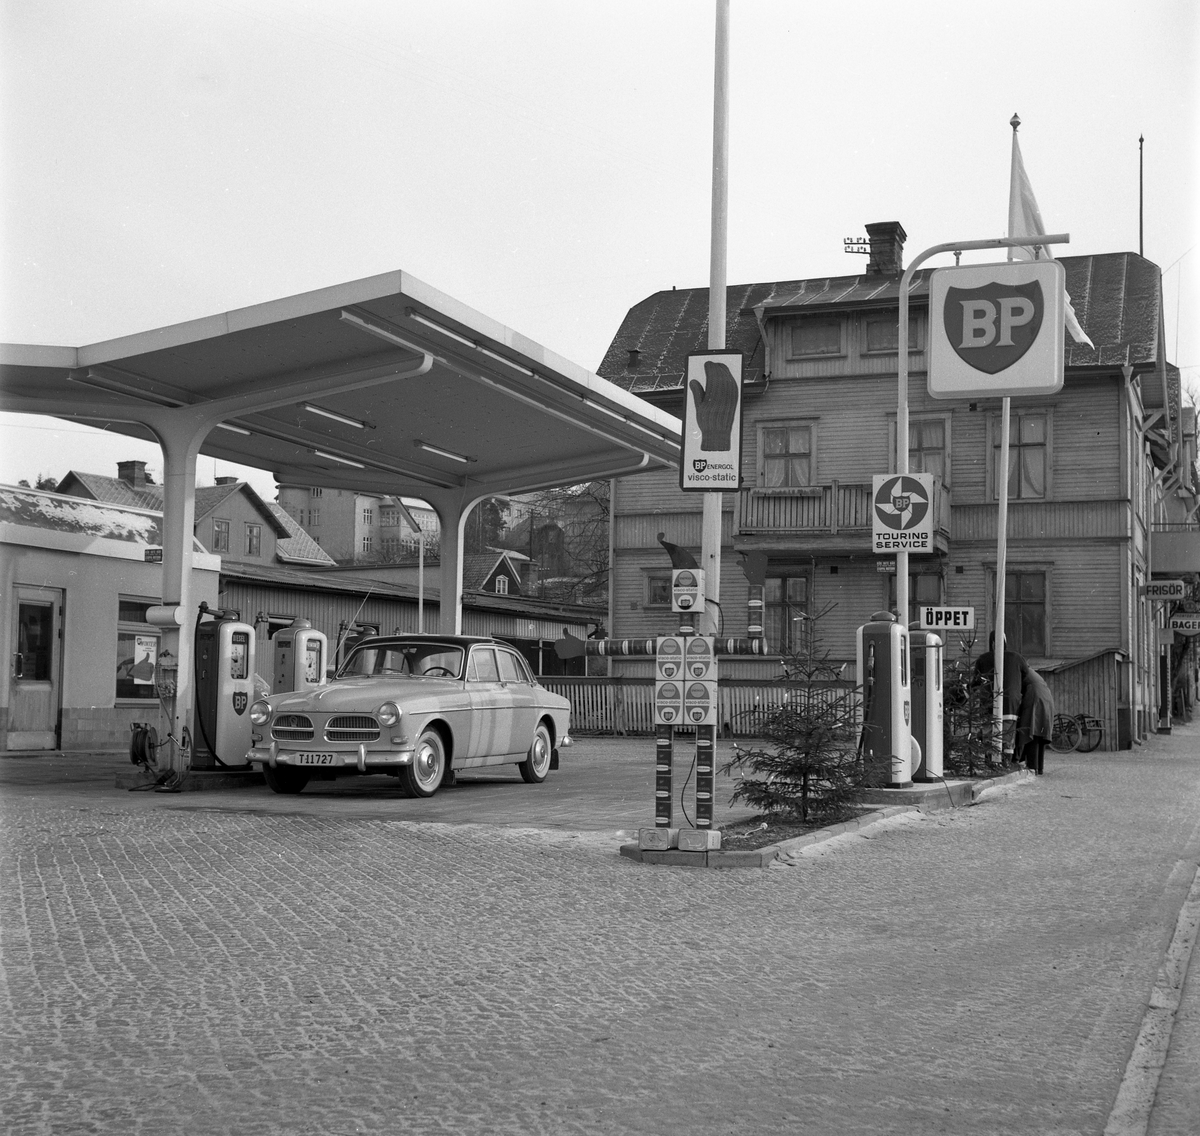 BP i Arvika 59-01-13. Macken låg på den tidigare Kyrkogatan mellan Kyrkogatan/Repslagaregatan och Fallängsvägen.